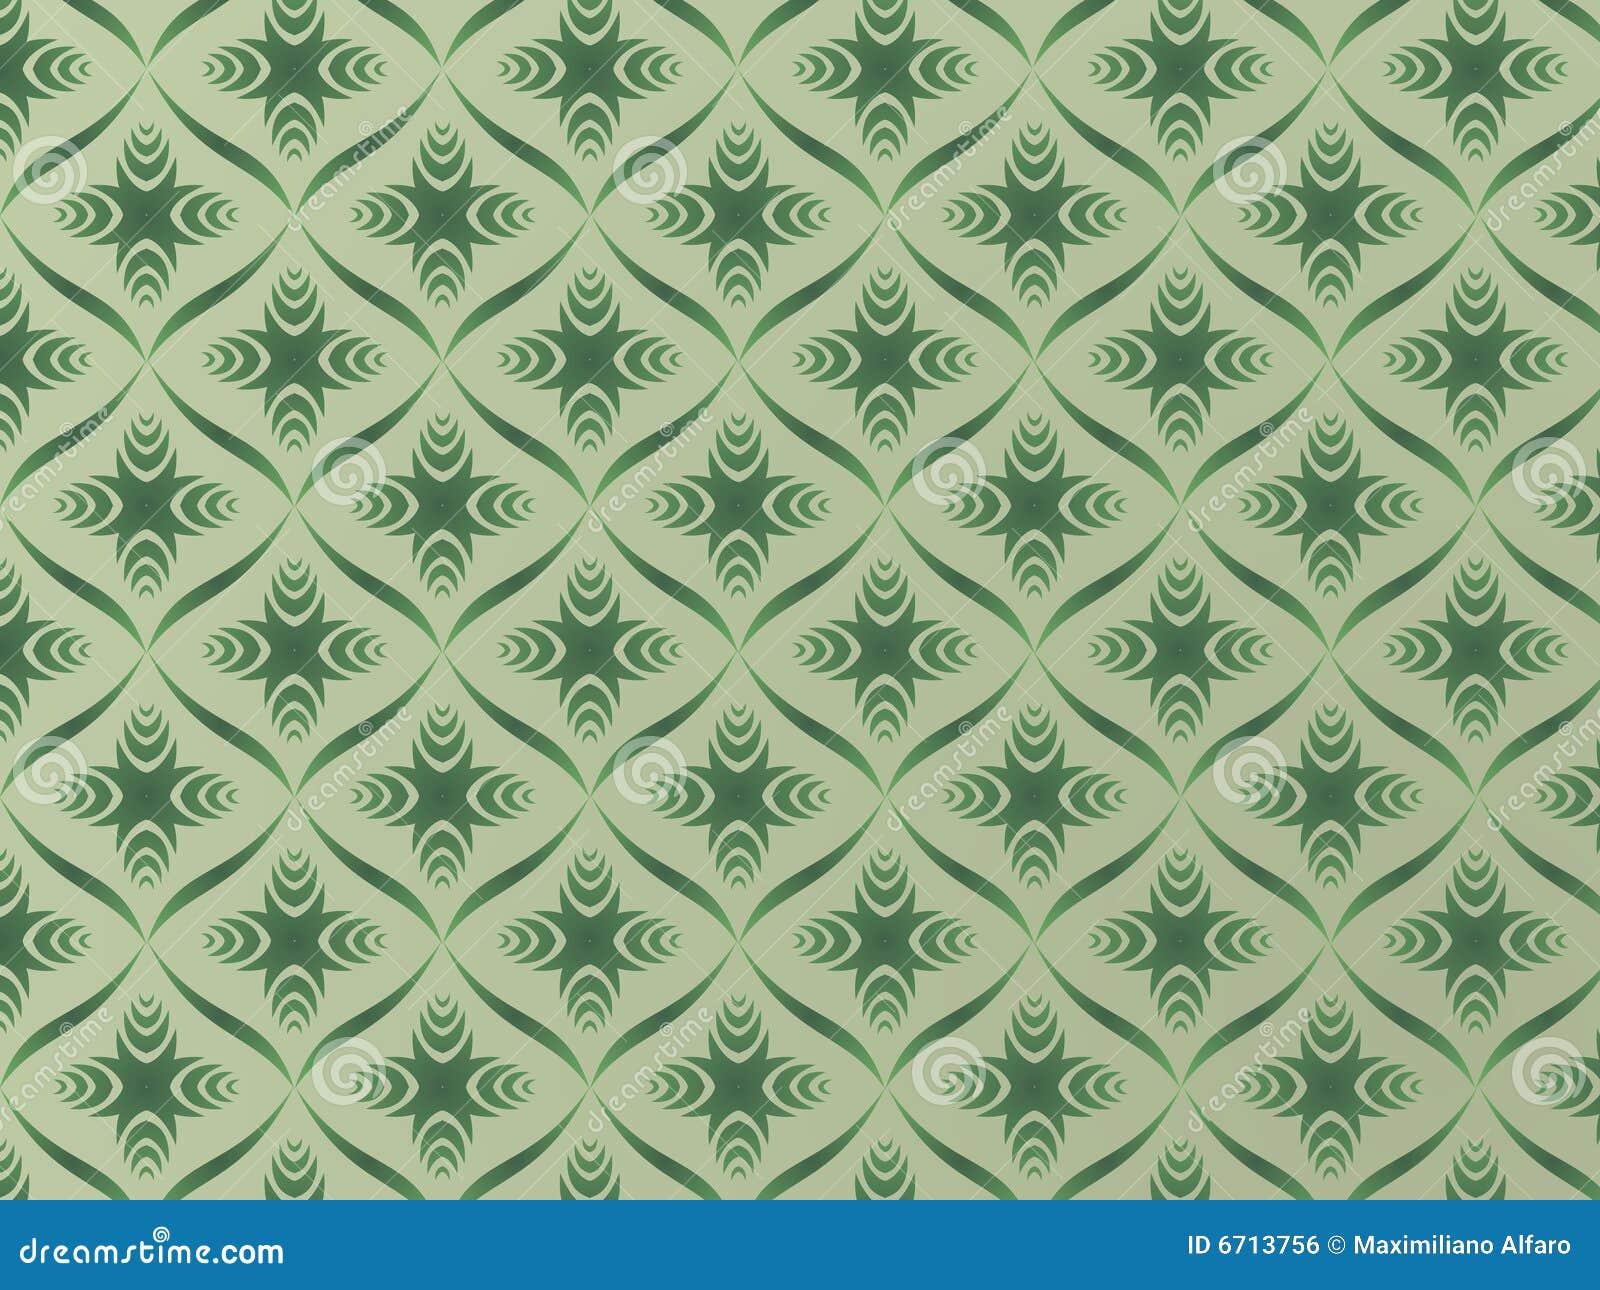 Tappezzeria verde immagine stock libera da diritti for Tappezzeria 3d